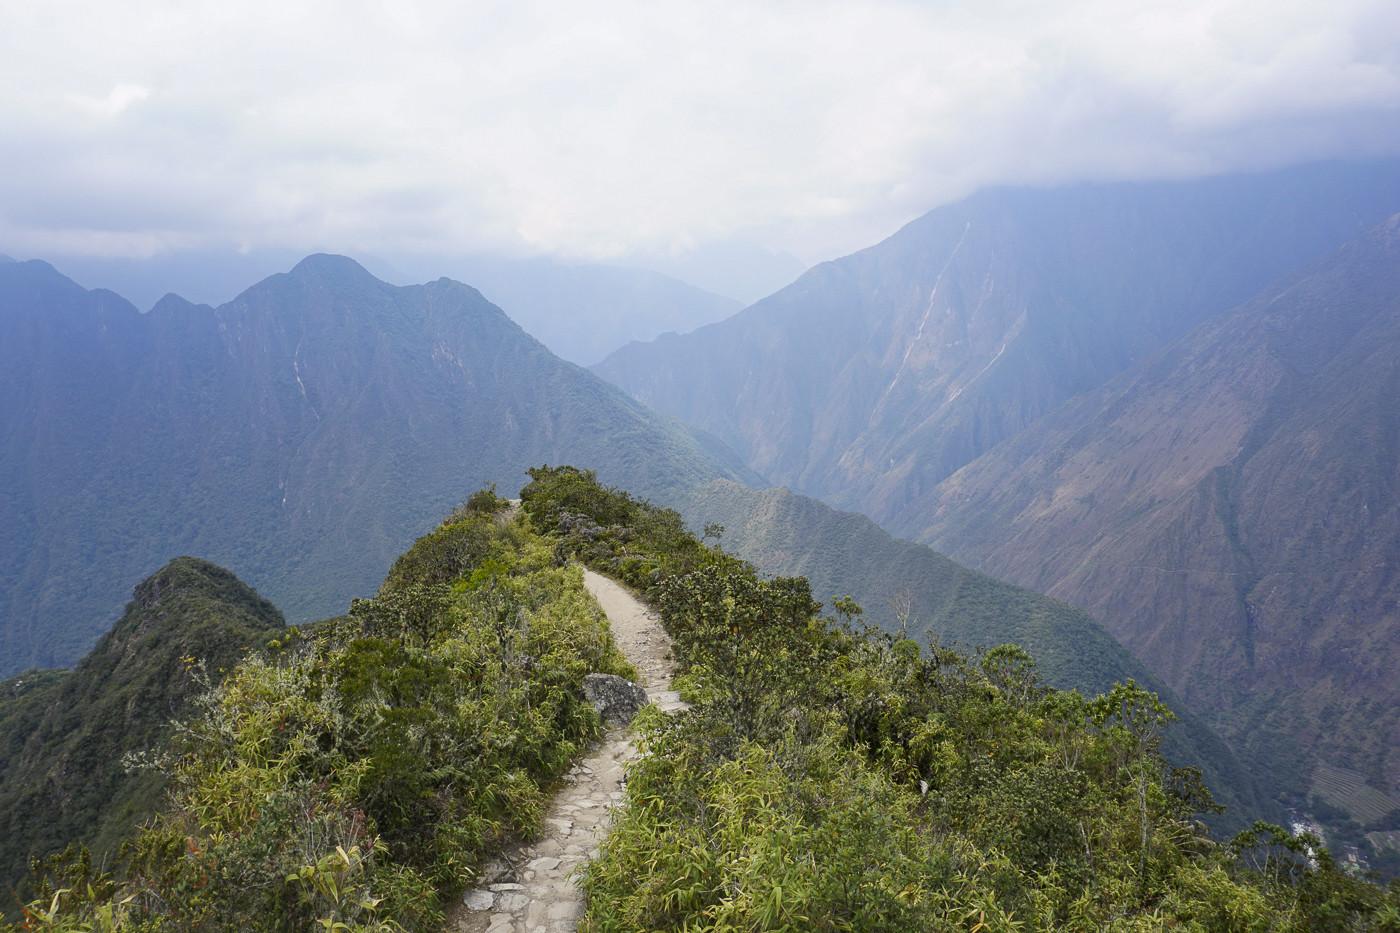 Die letzten Meter zum Gipfel des Machu Picchu Mountain